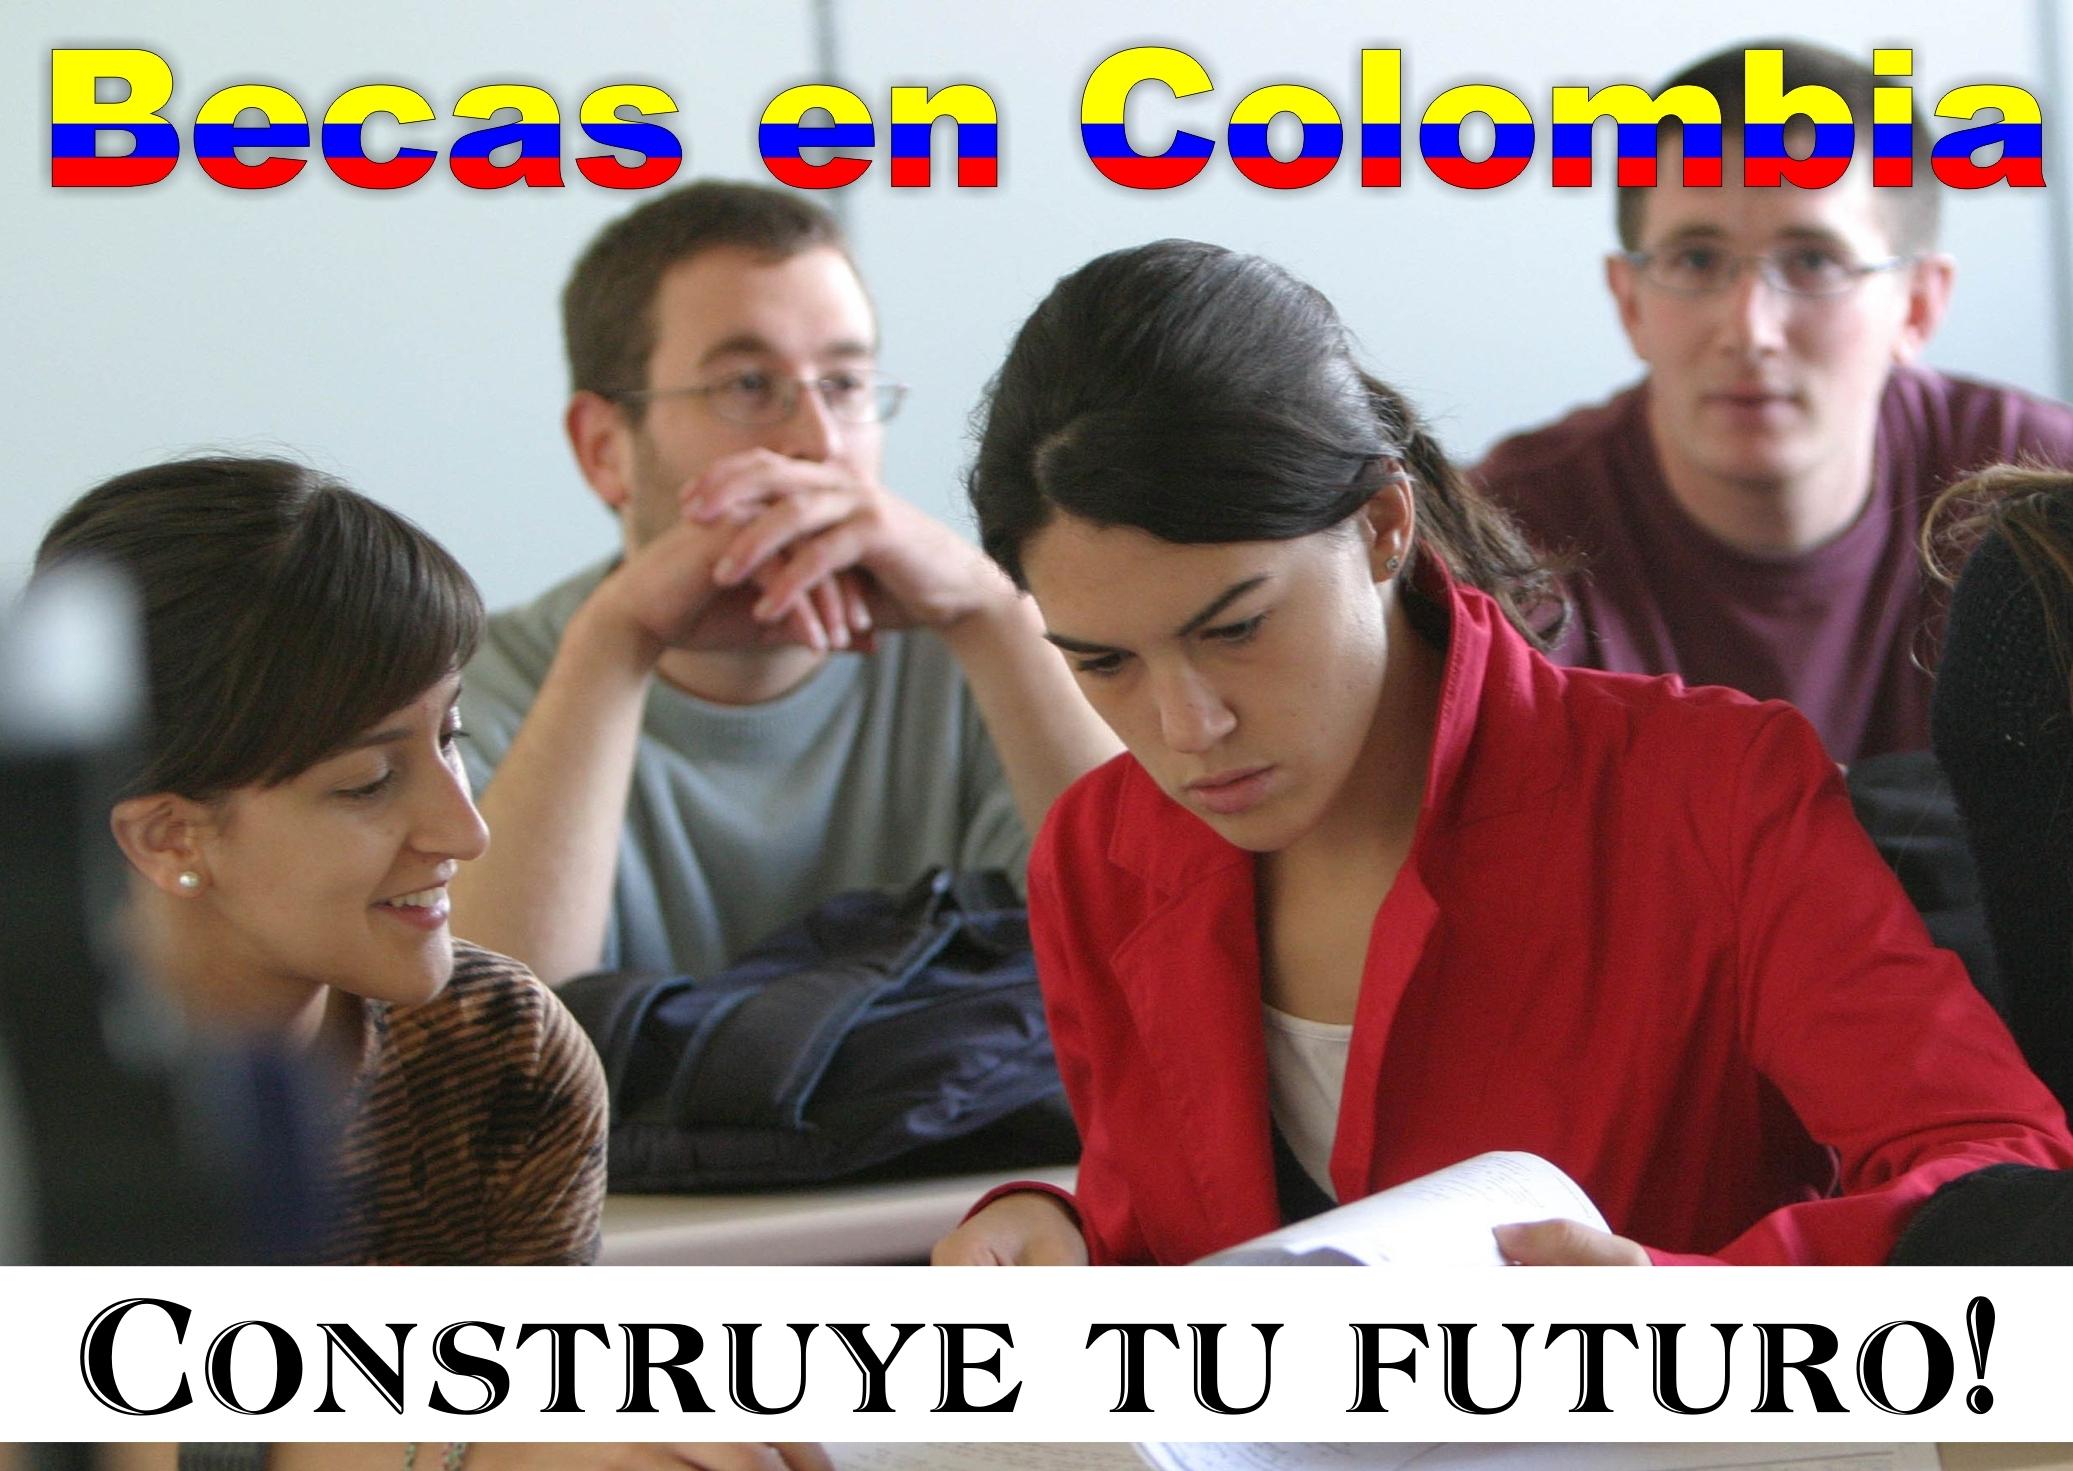 Becas en Colombia, Construye tu futuro!